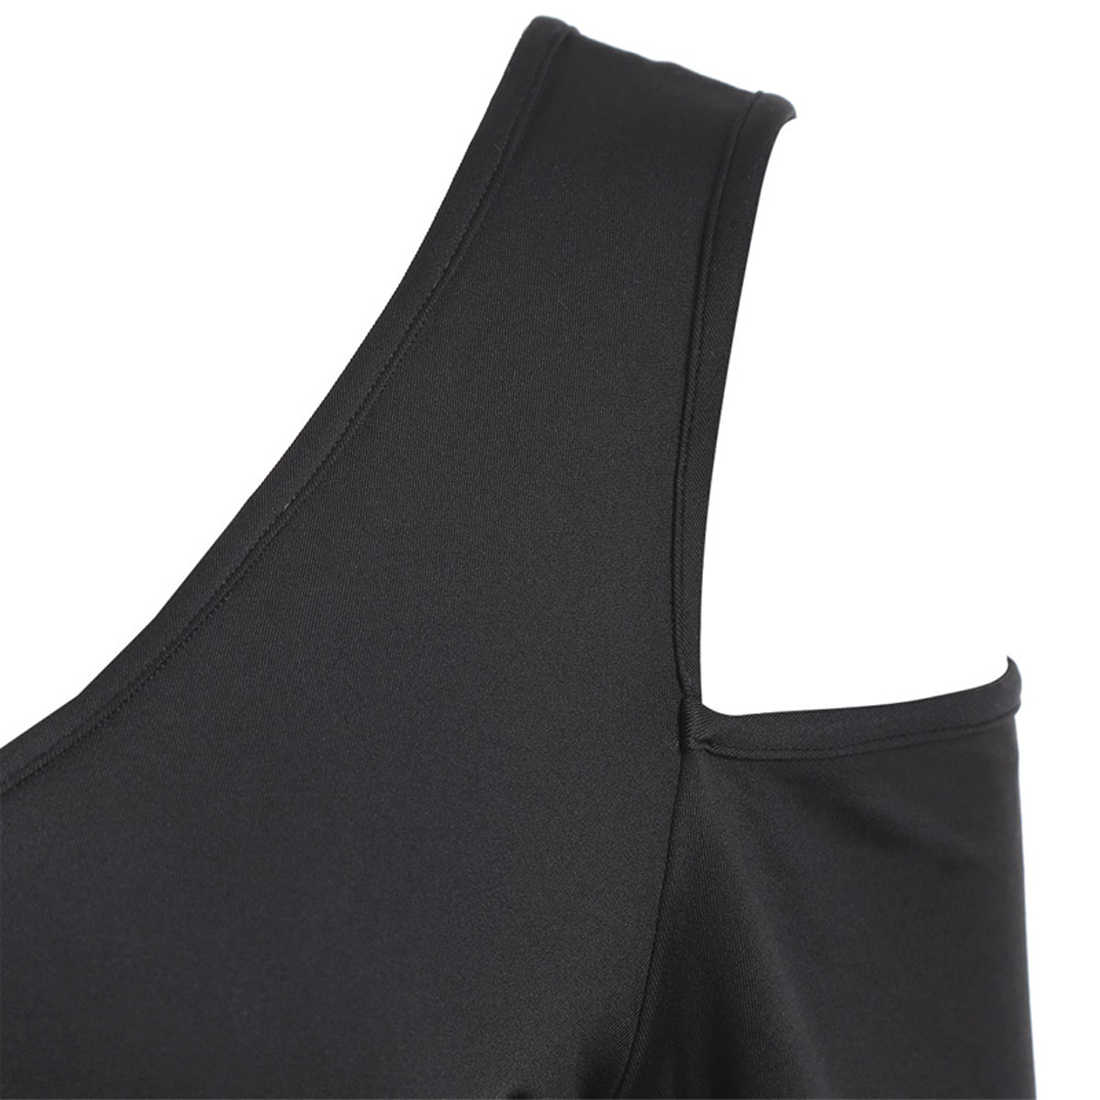 Wipalo плюс размер женское винтажное платье длина до колен v-образный вырез расклешенное лоскутное платье подчеркивающий талию а-силуэт элегантное свободное платье